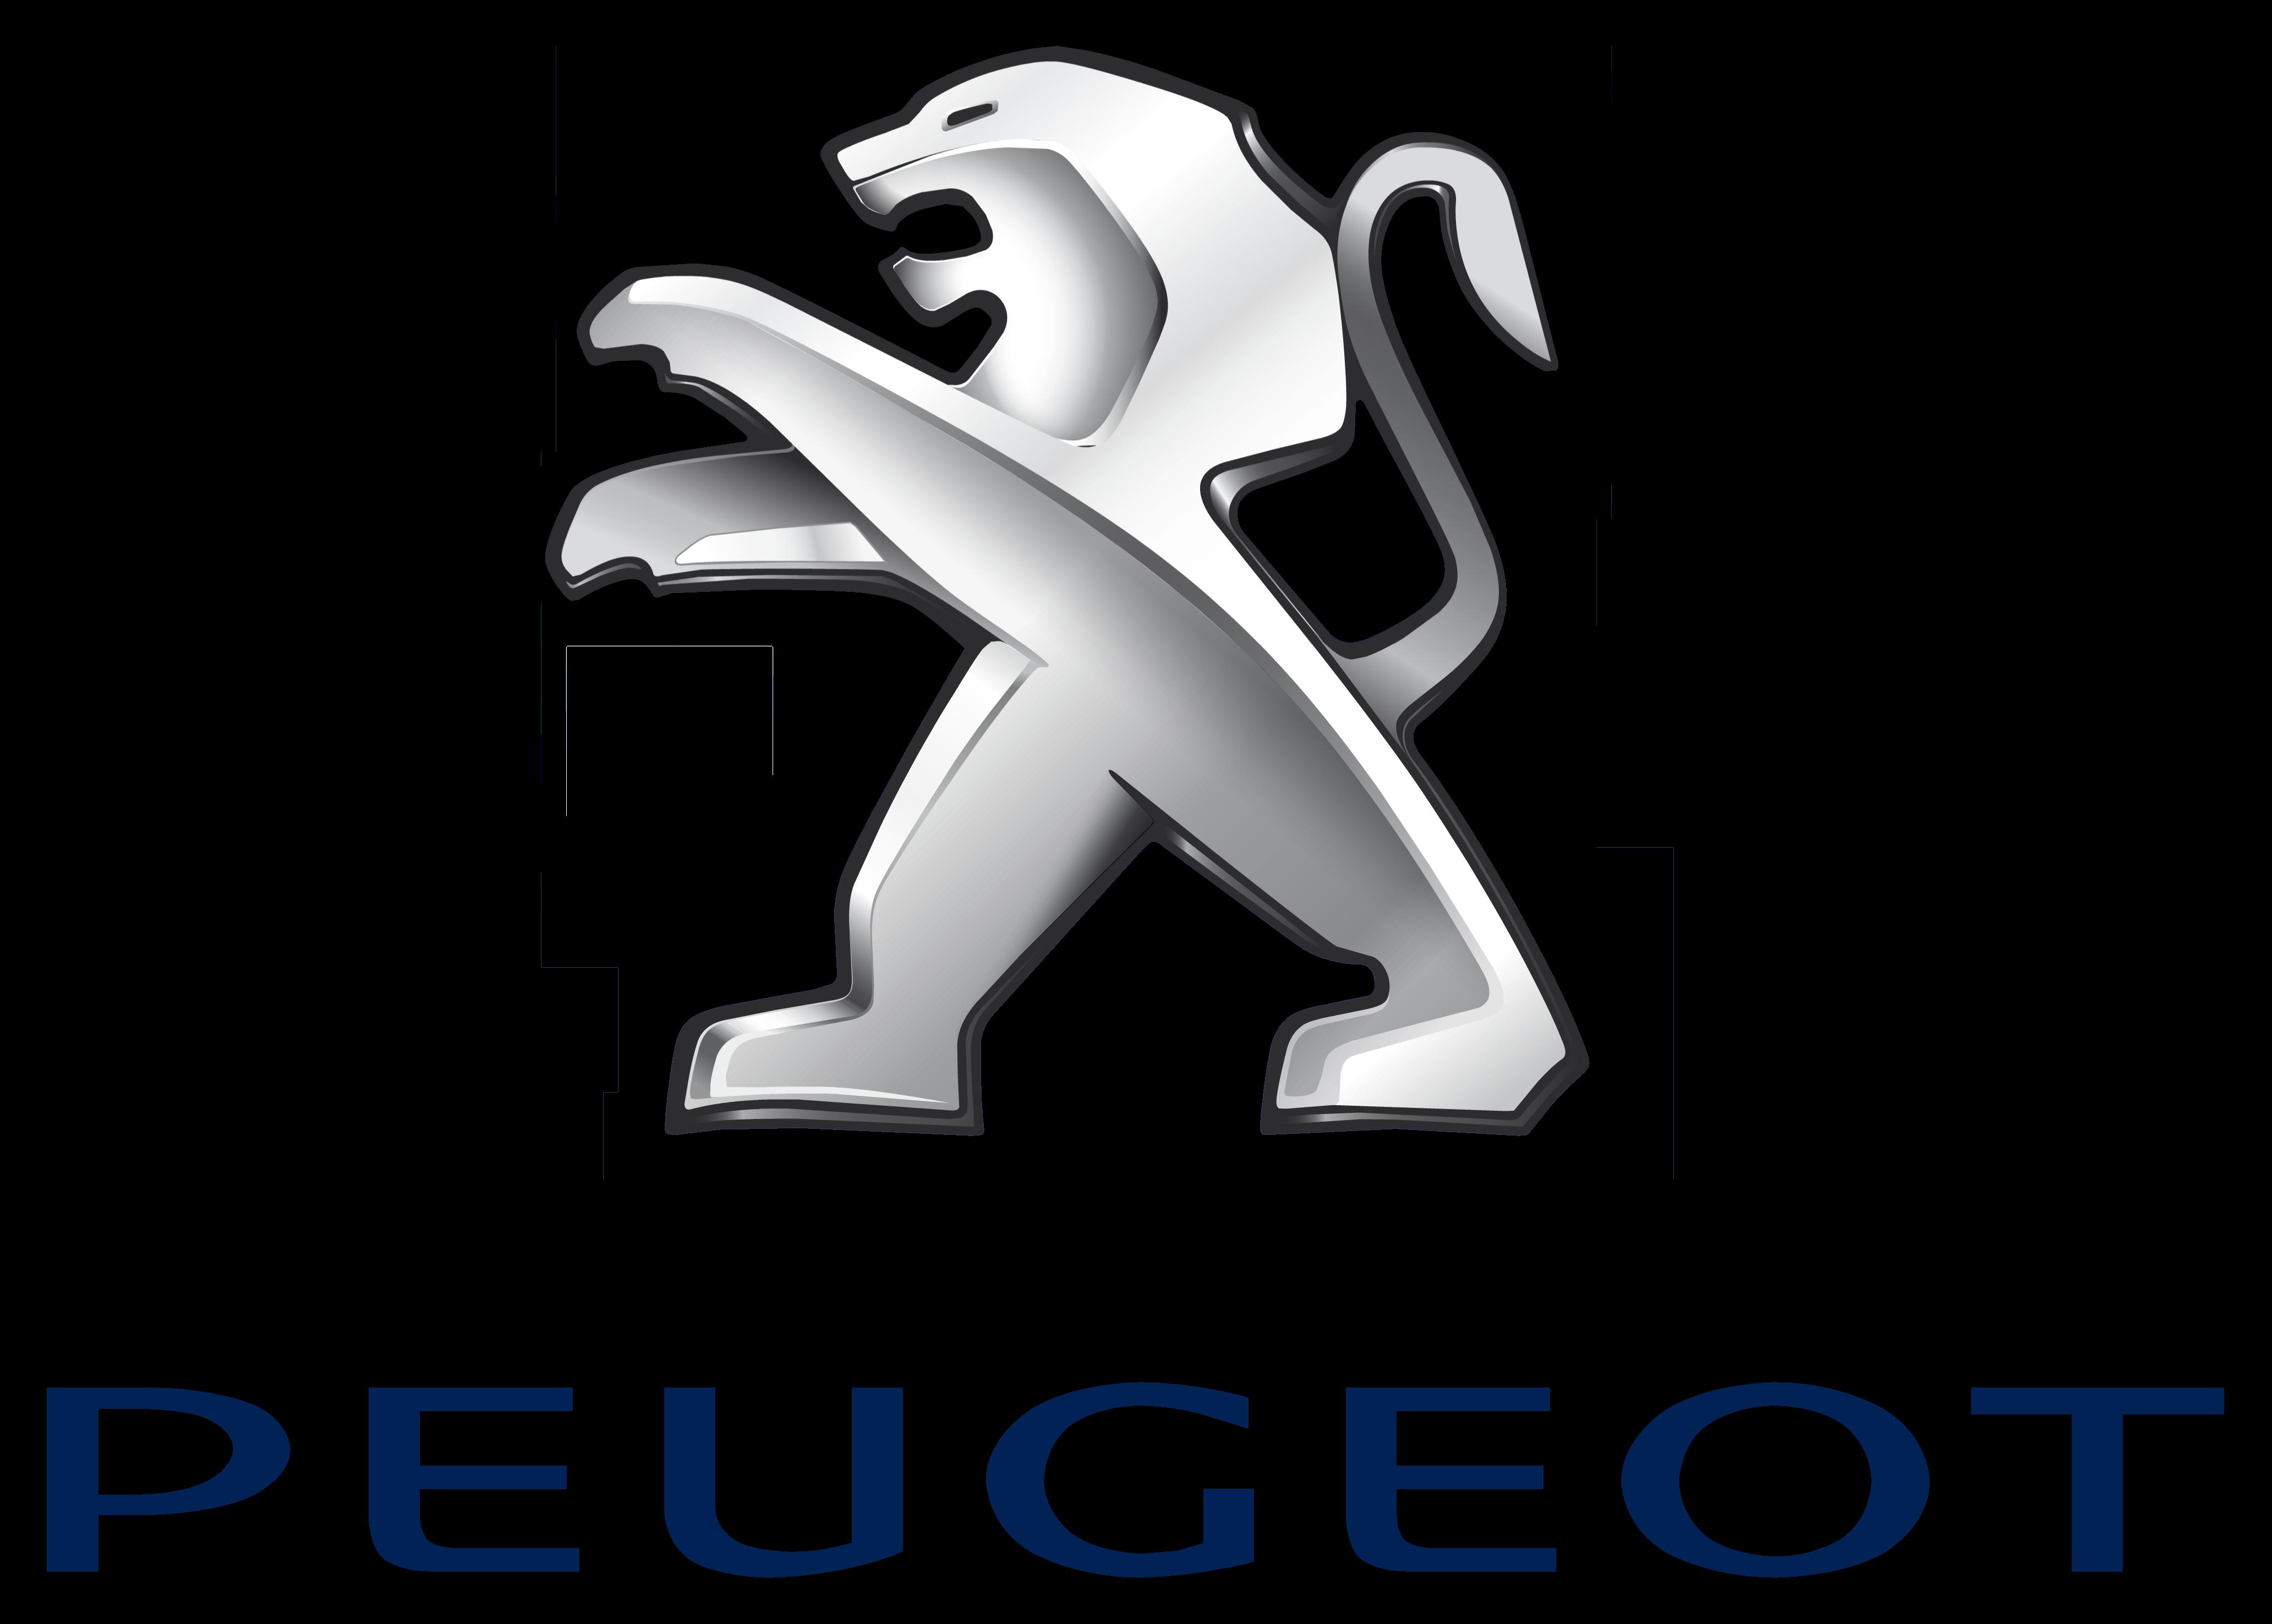 Peugeot логотип PNG